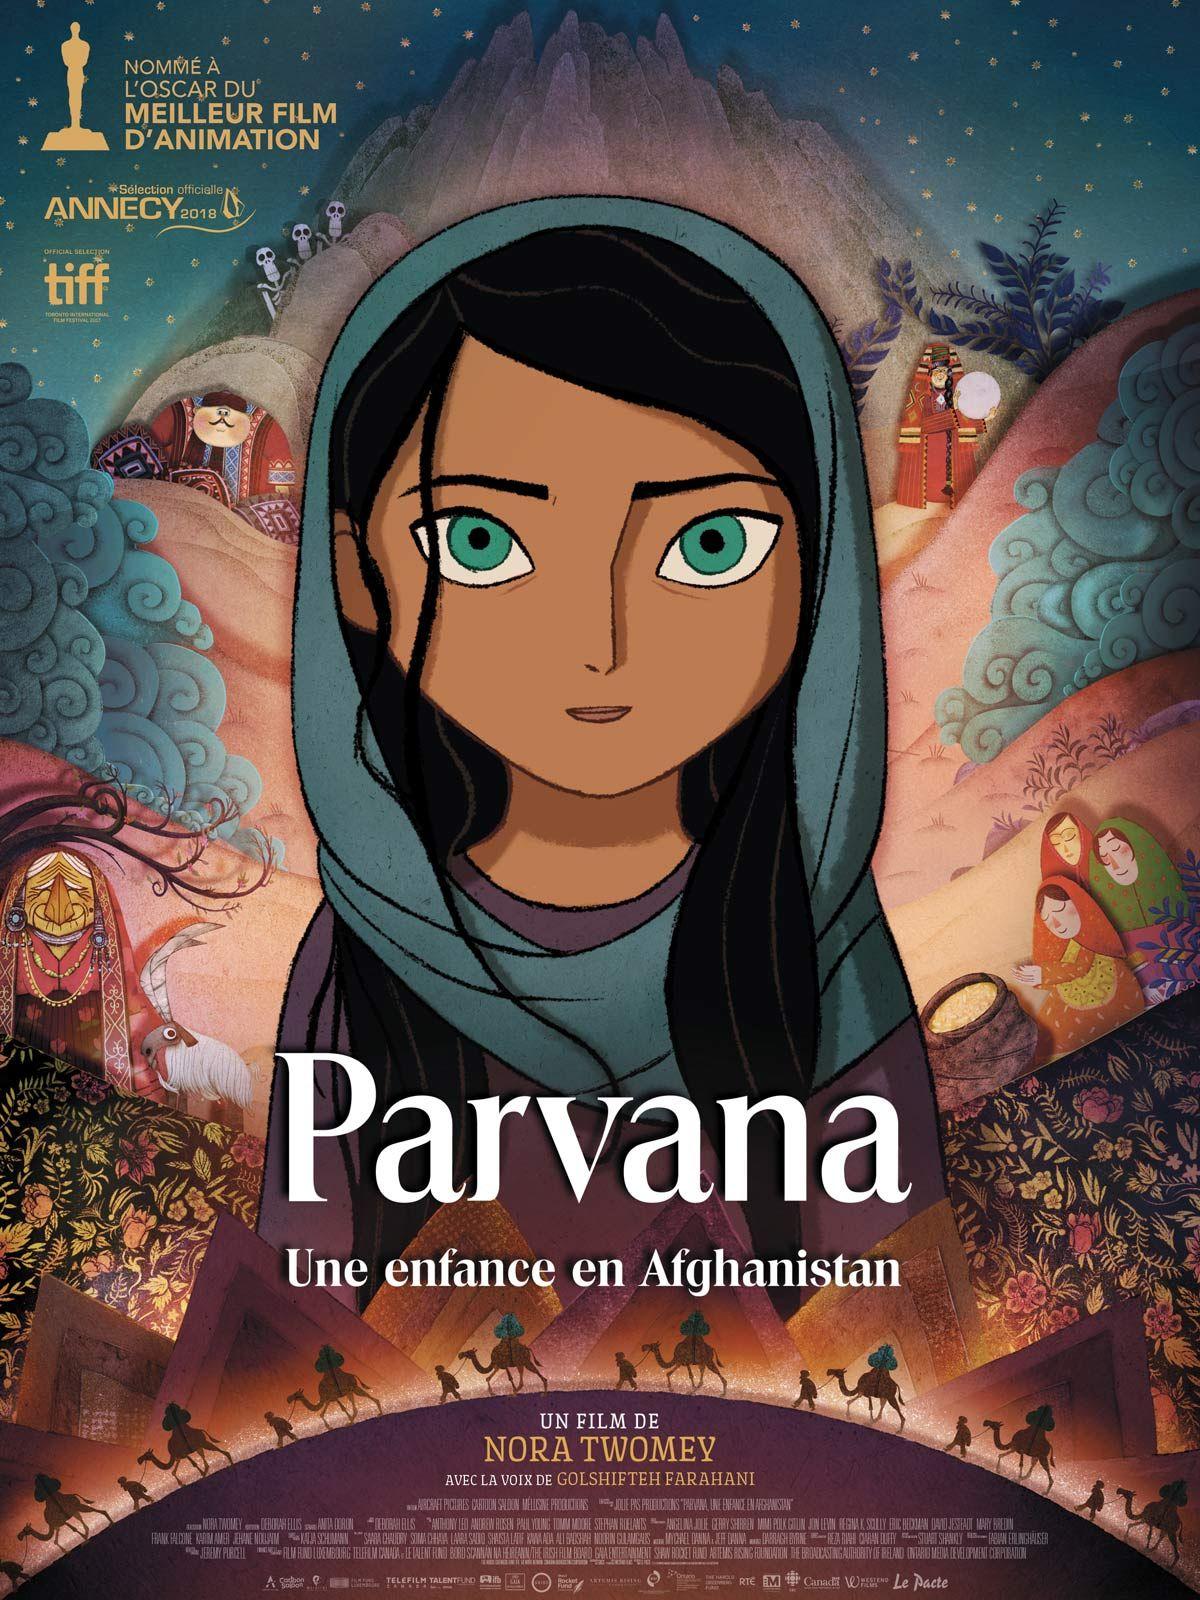 Parvana est un film réalisé par Nora Twomey avec la voix